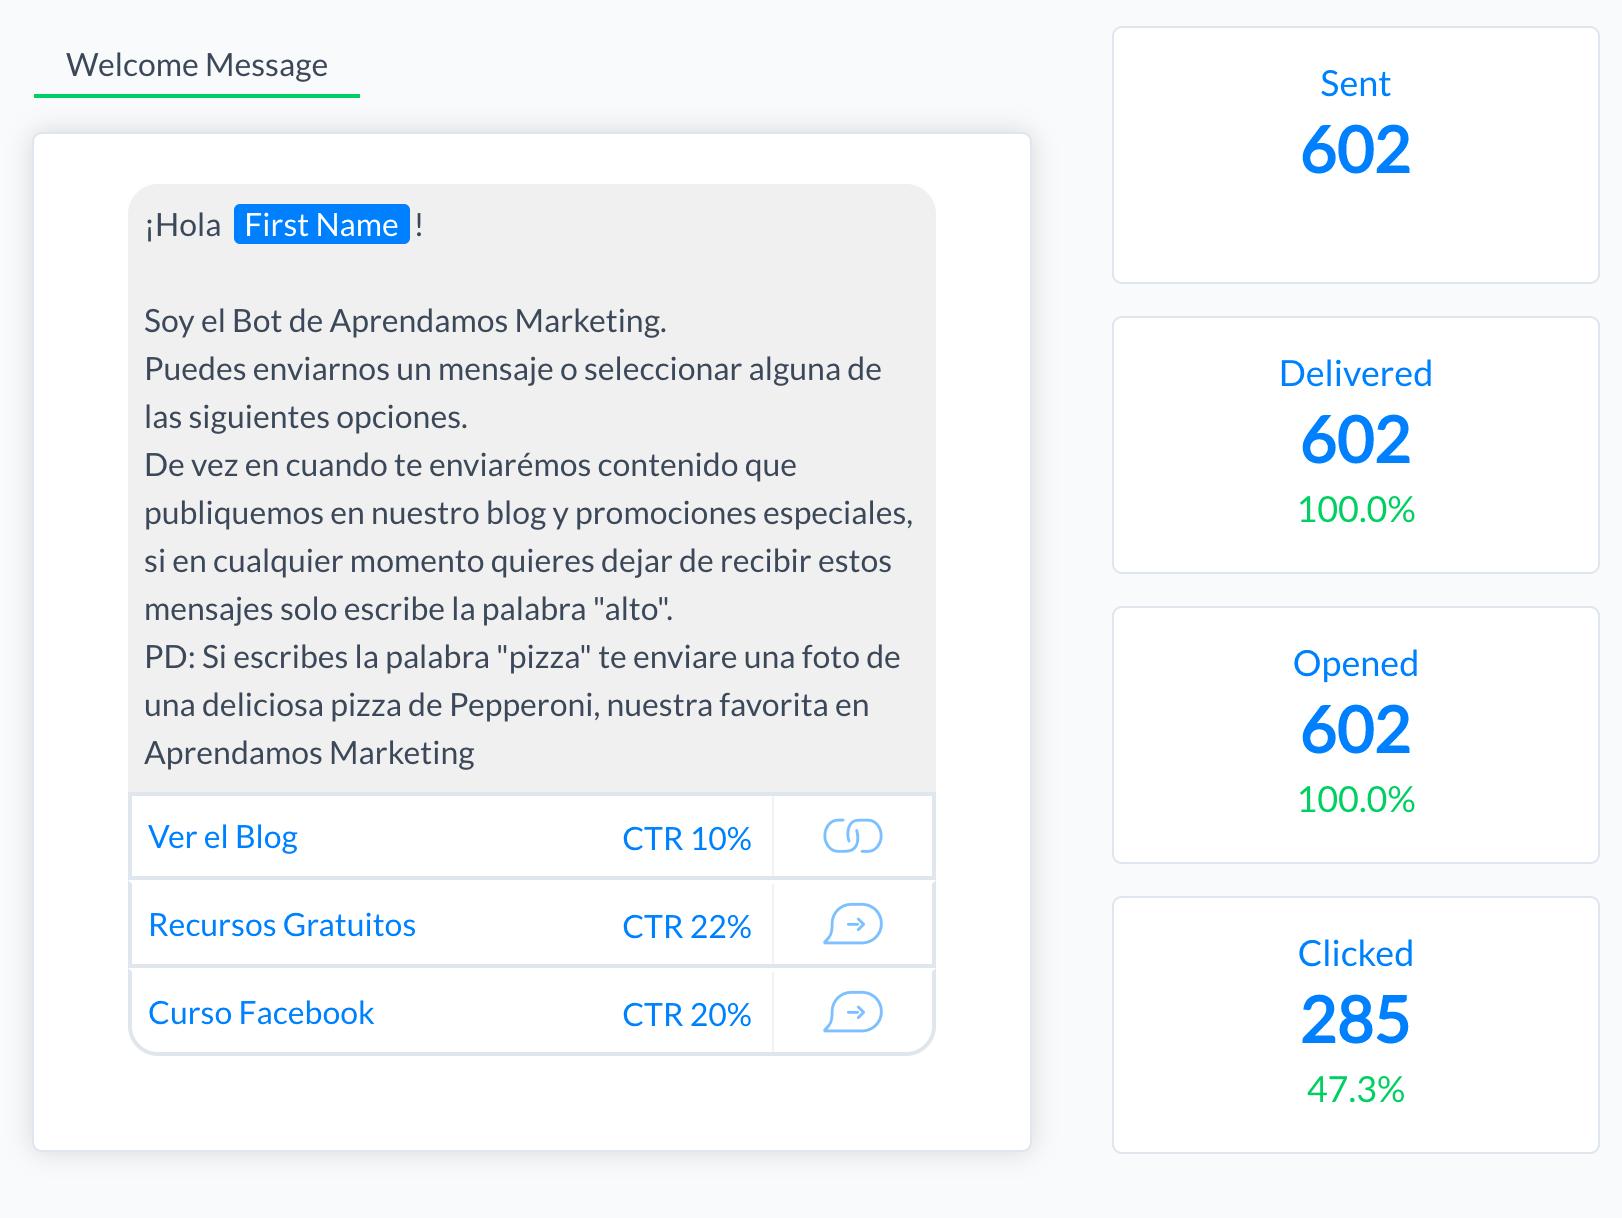 Mensaje_de_Bienvenida_en_ManyChat_de_Aprendamos_Marketing_-_Welcome_Message_Manychat